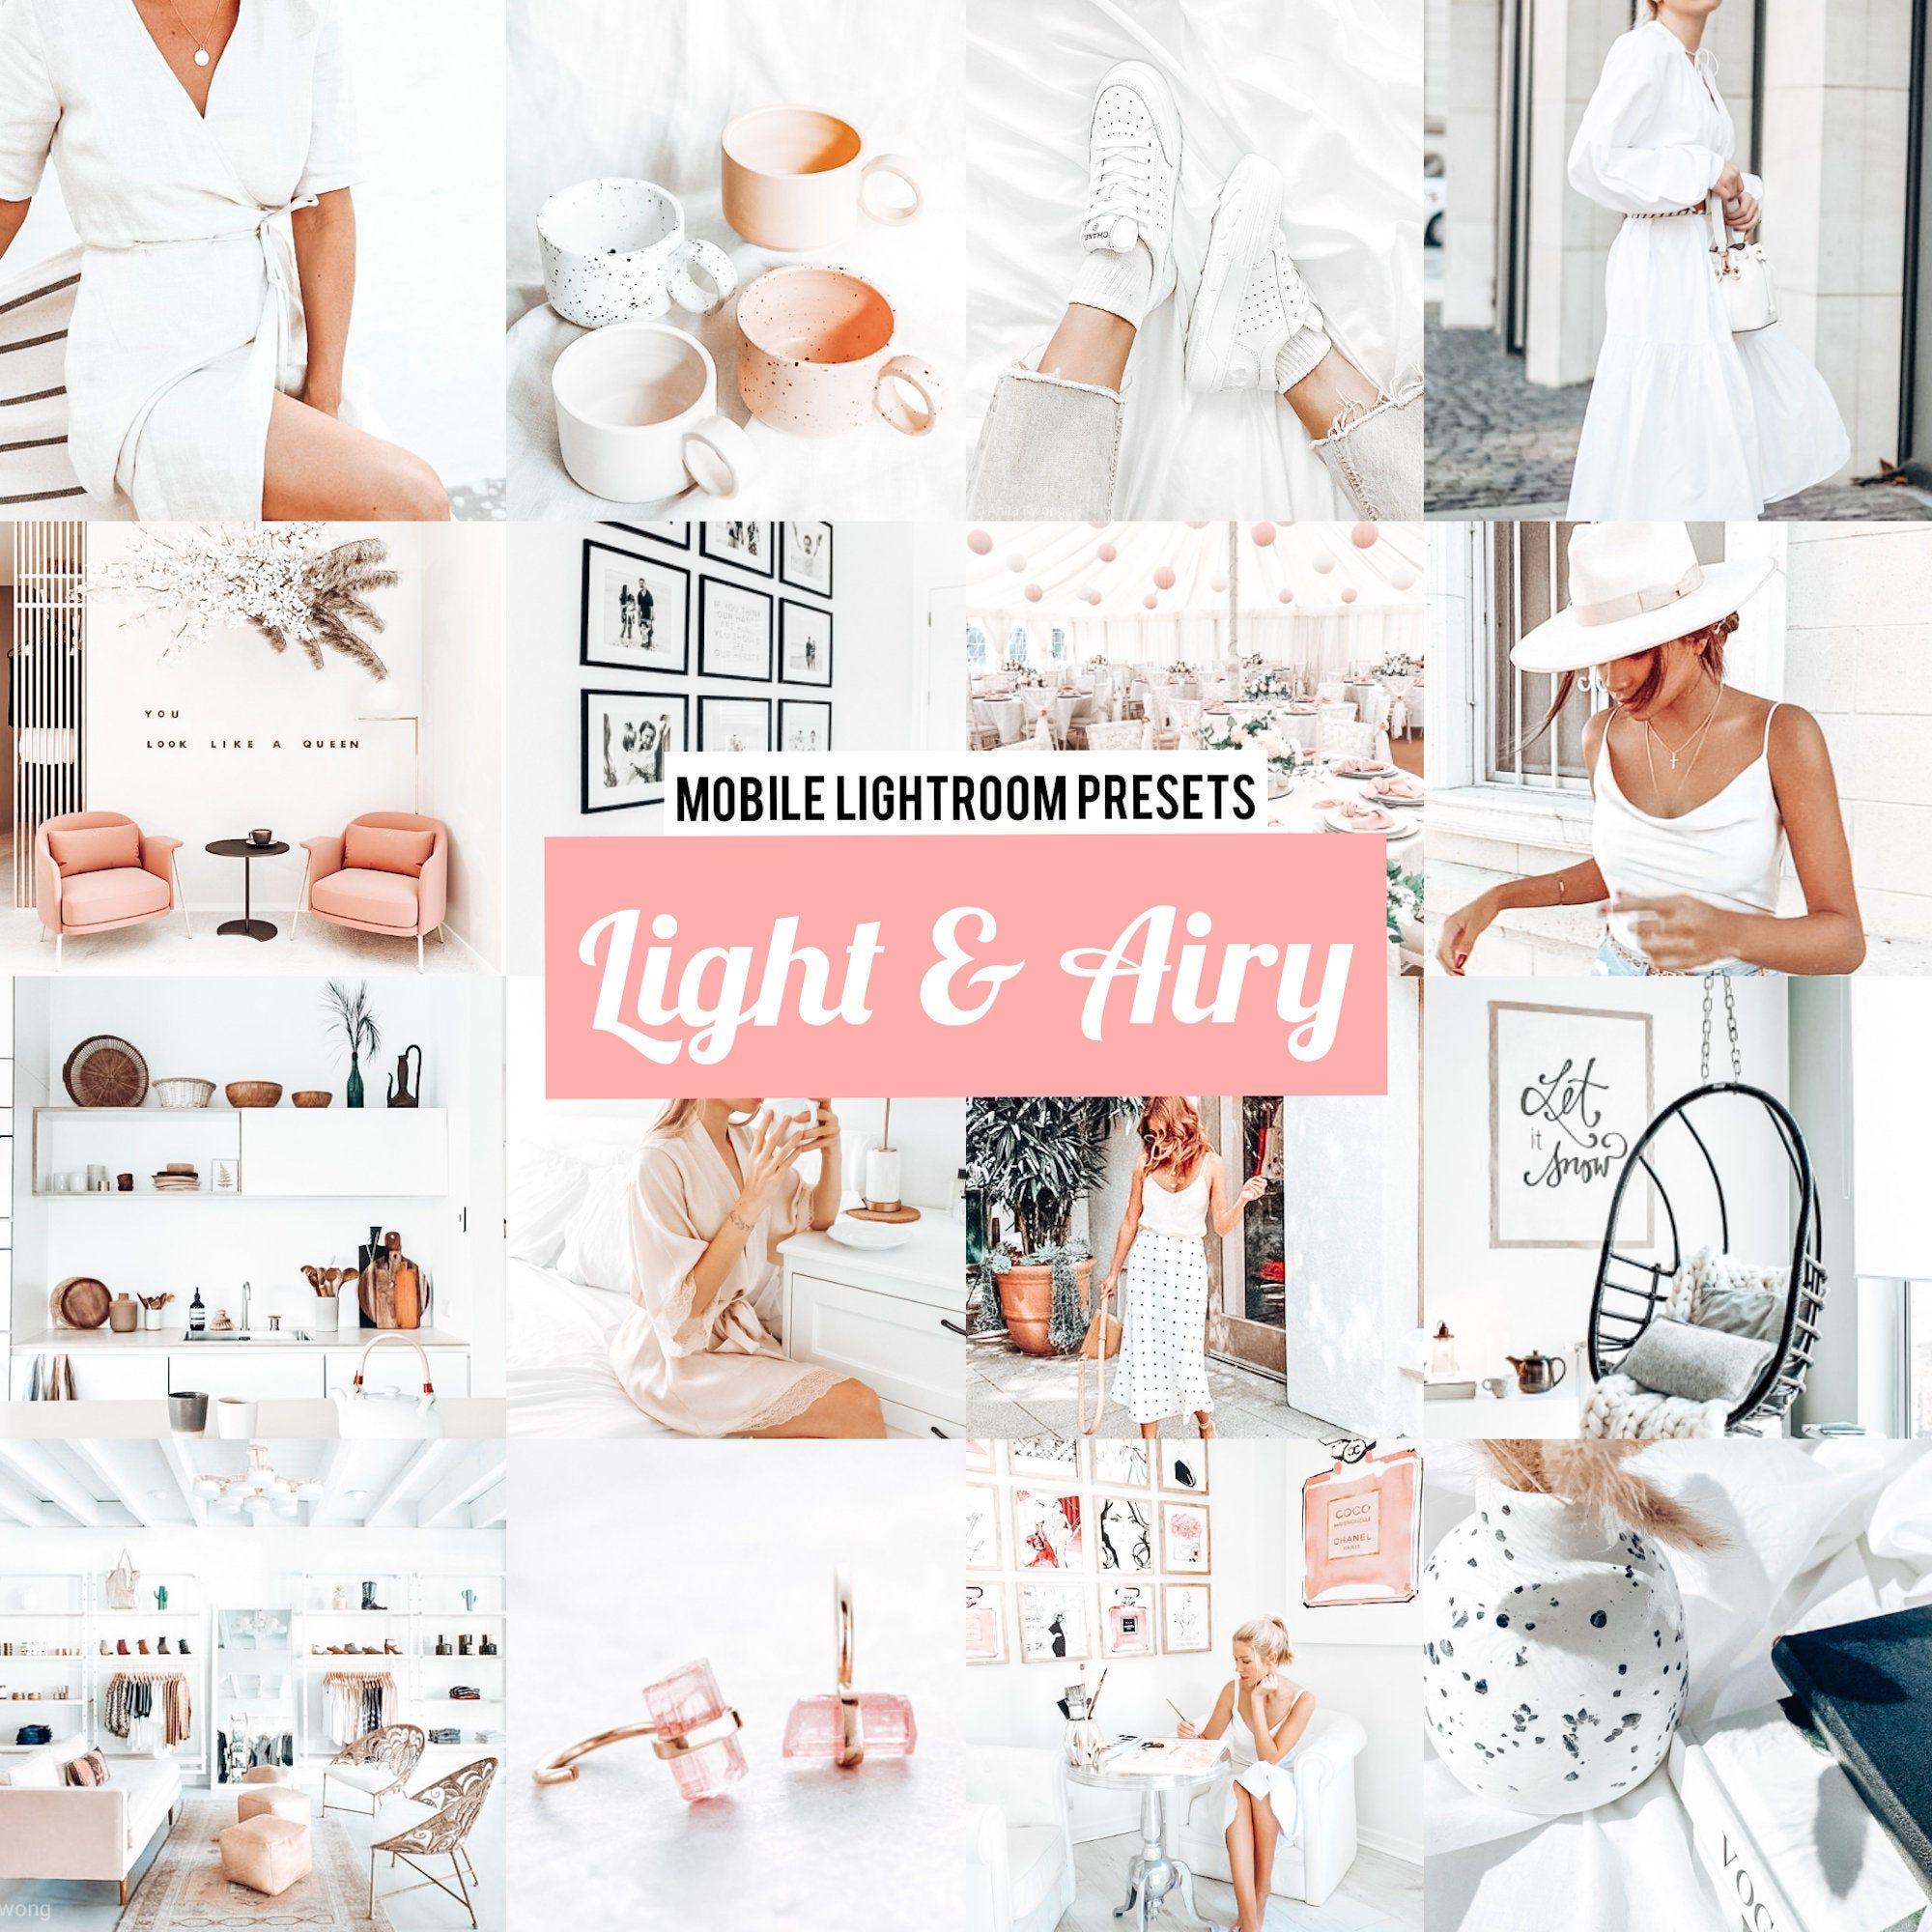 5 Mobile Lightroom Presets LIGHT & AIRY, Mobile Presets